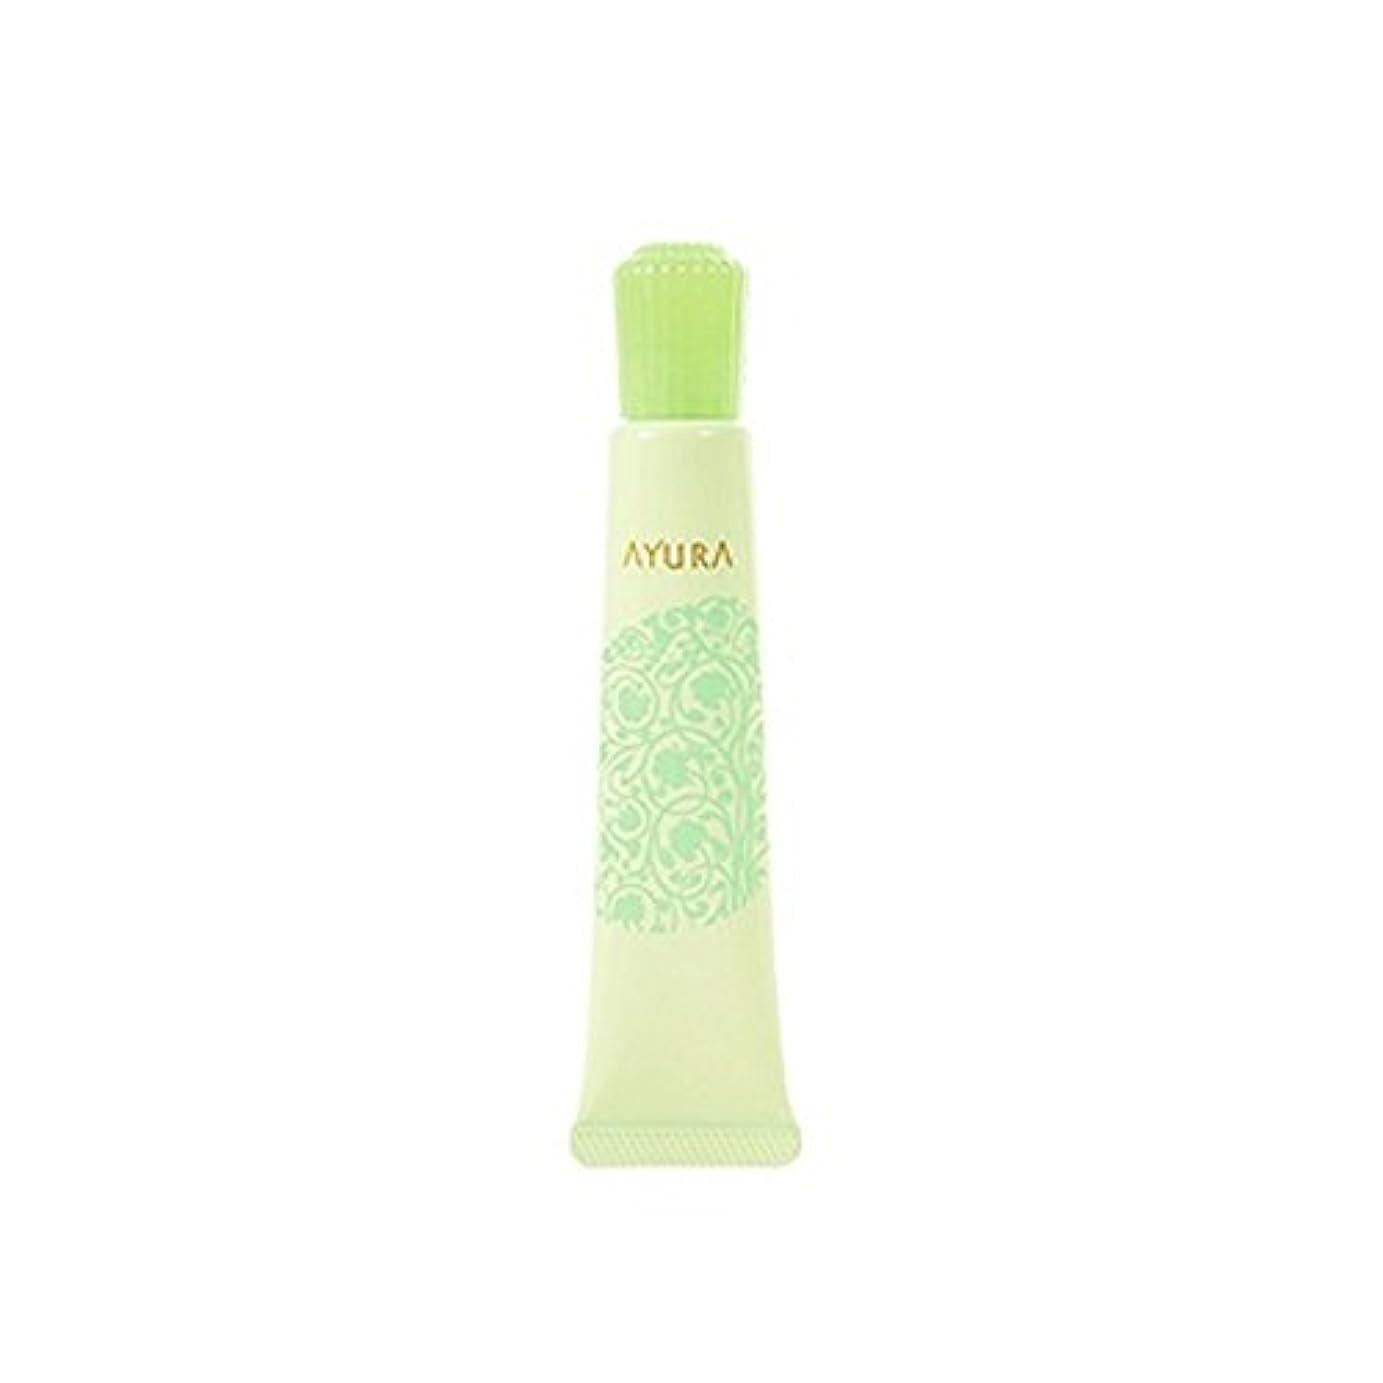 水分信頼性のある設計図アユーラ (AYURA) ハンドオアシス 〈ハンド用美容液〉 アロマティックハーブとユーカリの軽やかな香り